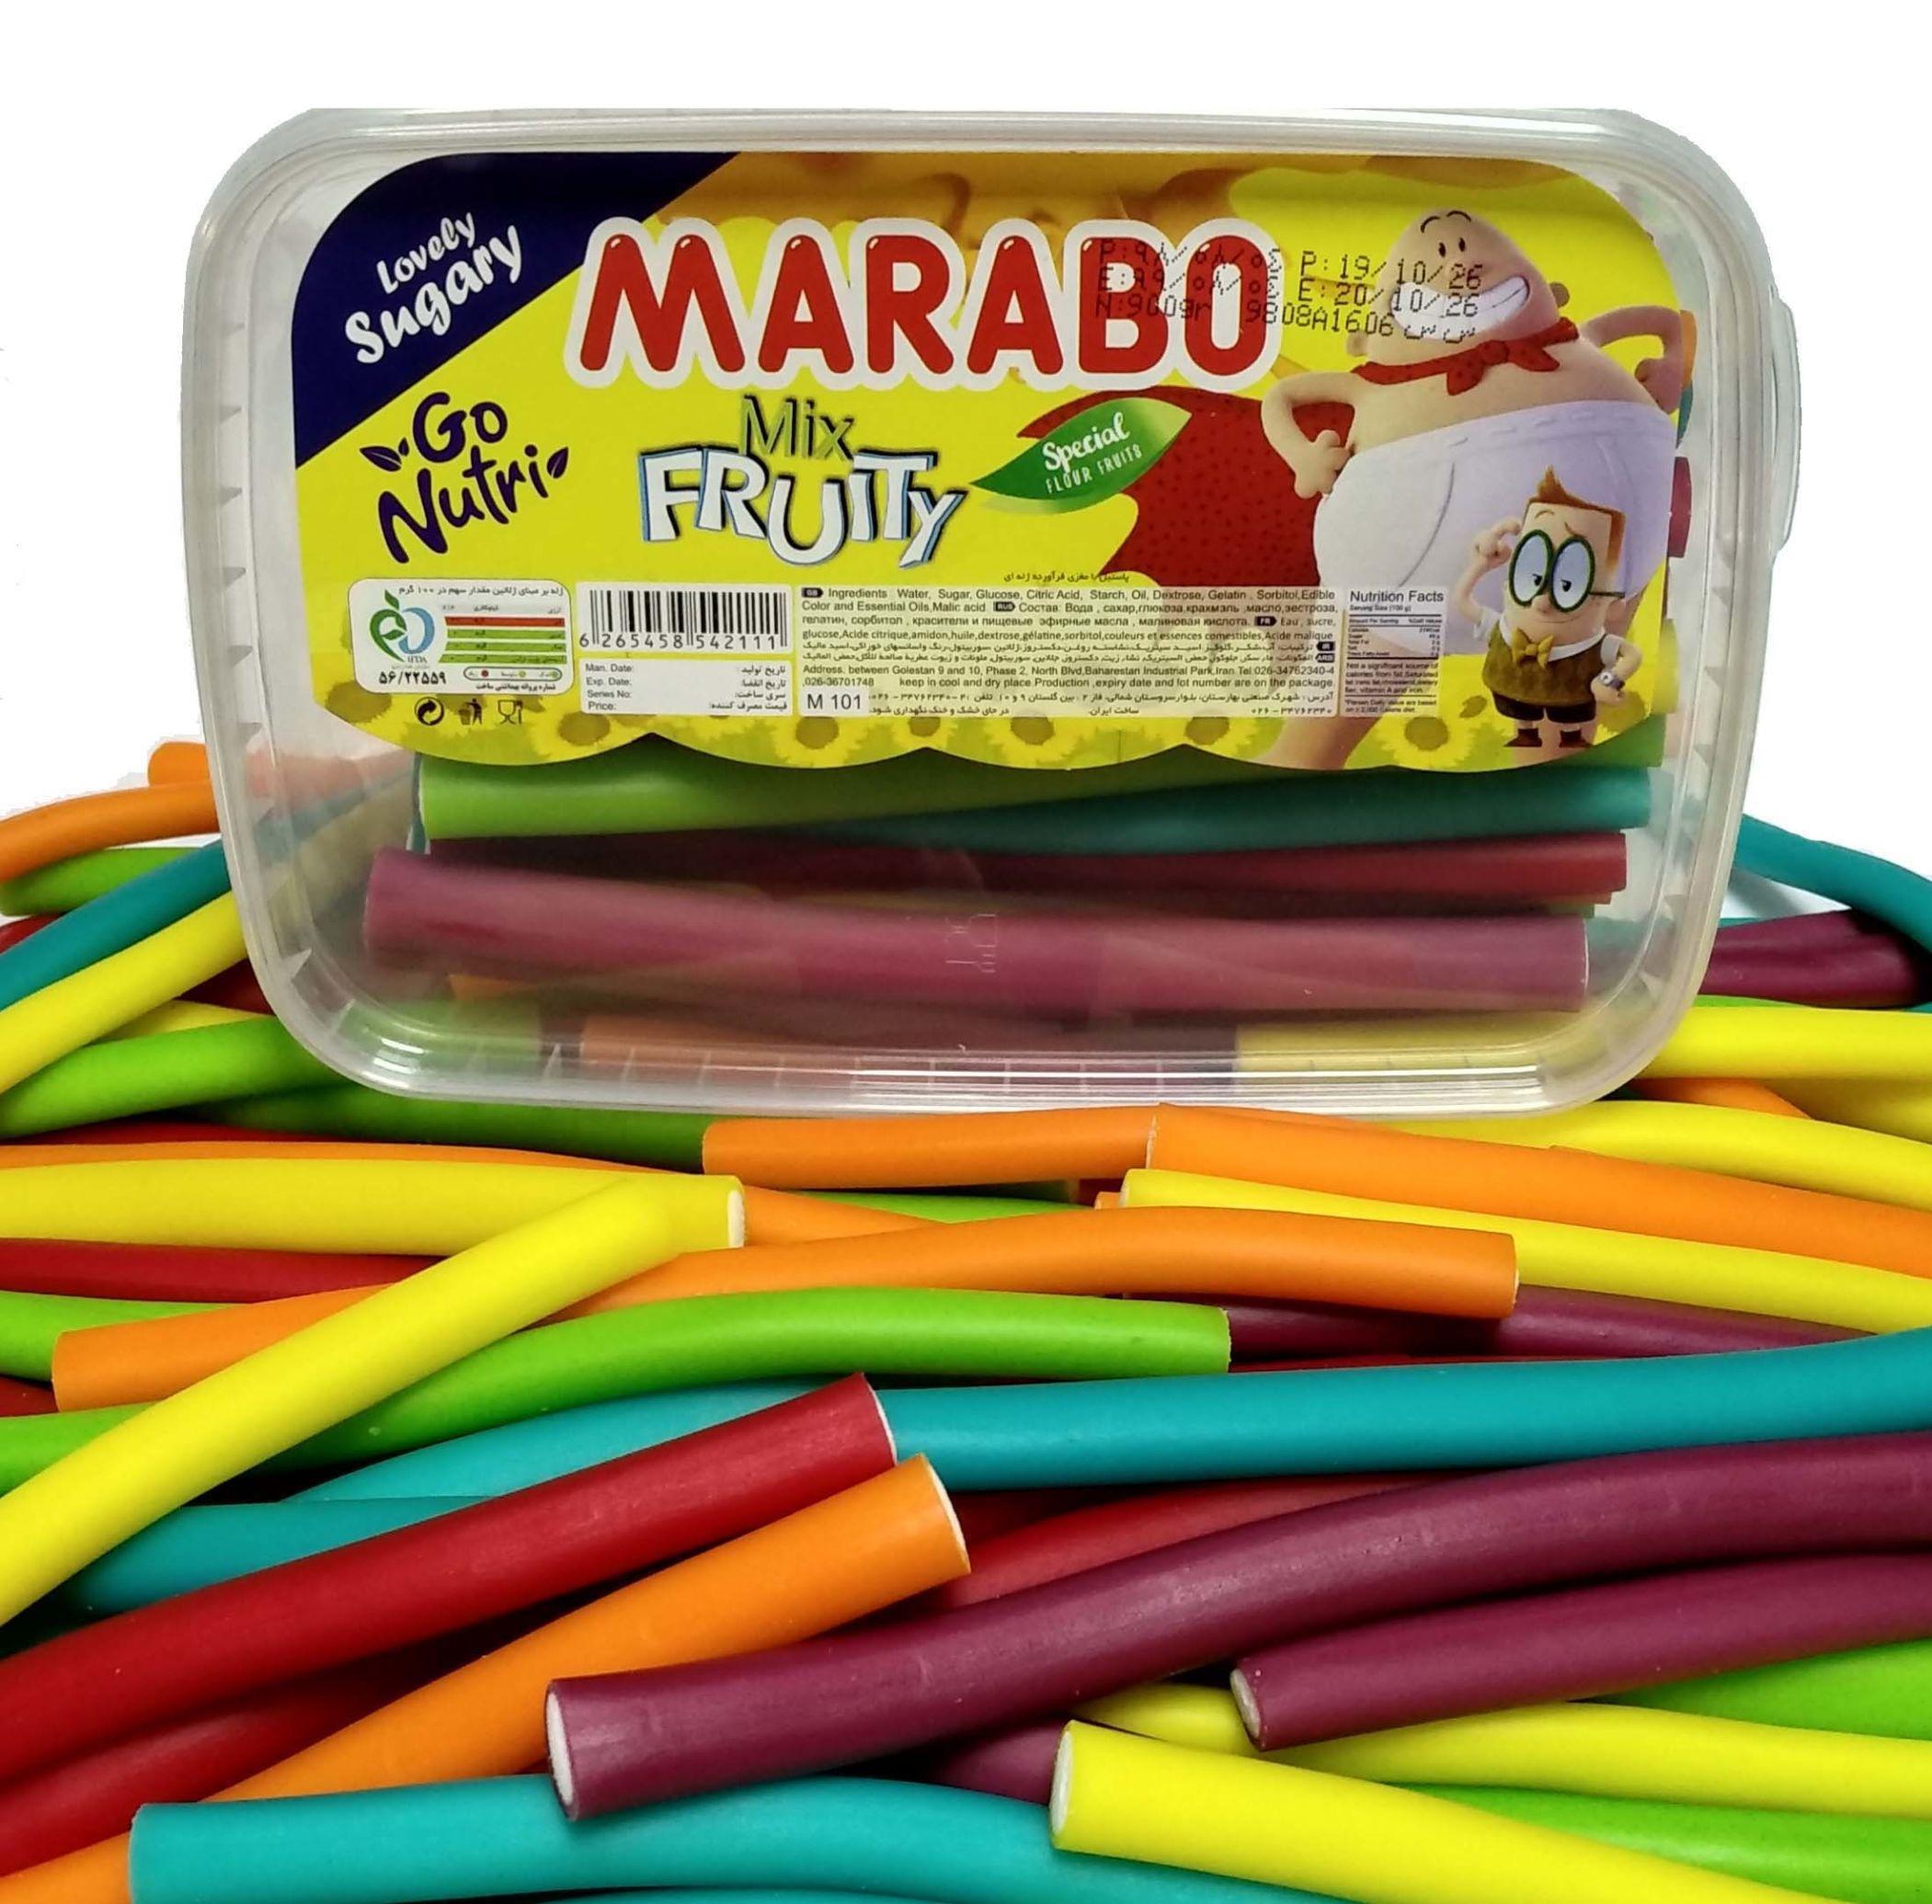 خرید انلاین پاستیل مدادی لوله ای براق بدون شکر marabo فروشگاه اینترنتی وجیسنک پاستیل شکلات قهوه میوه خشک دمنوش قافلانکوه